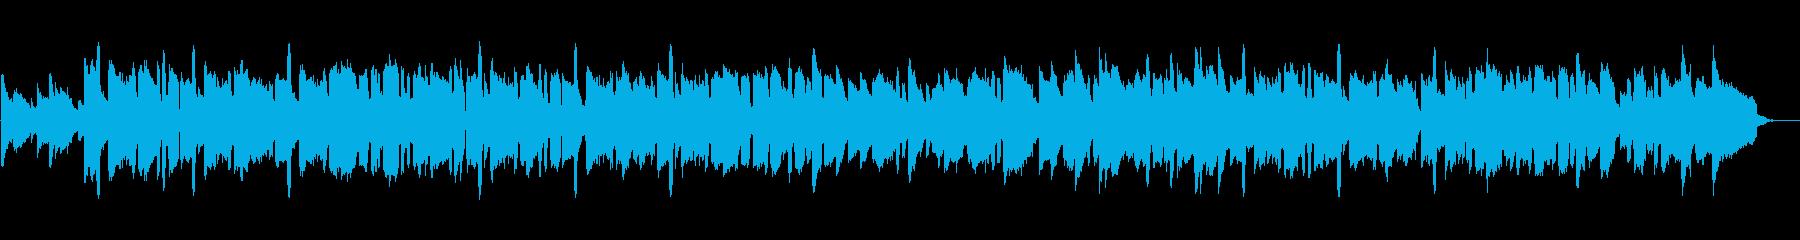 ほっと一息つくような温かいケルトBGMの再生済みの波形